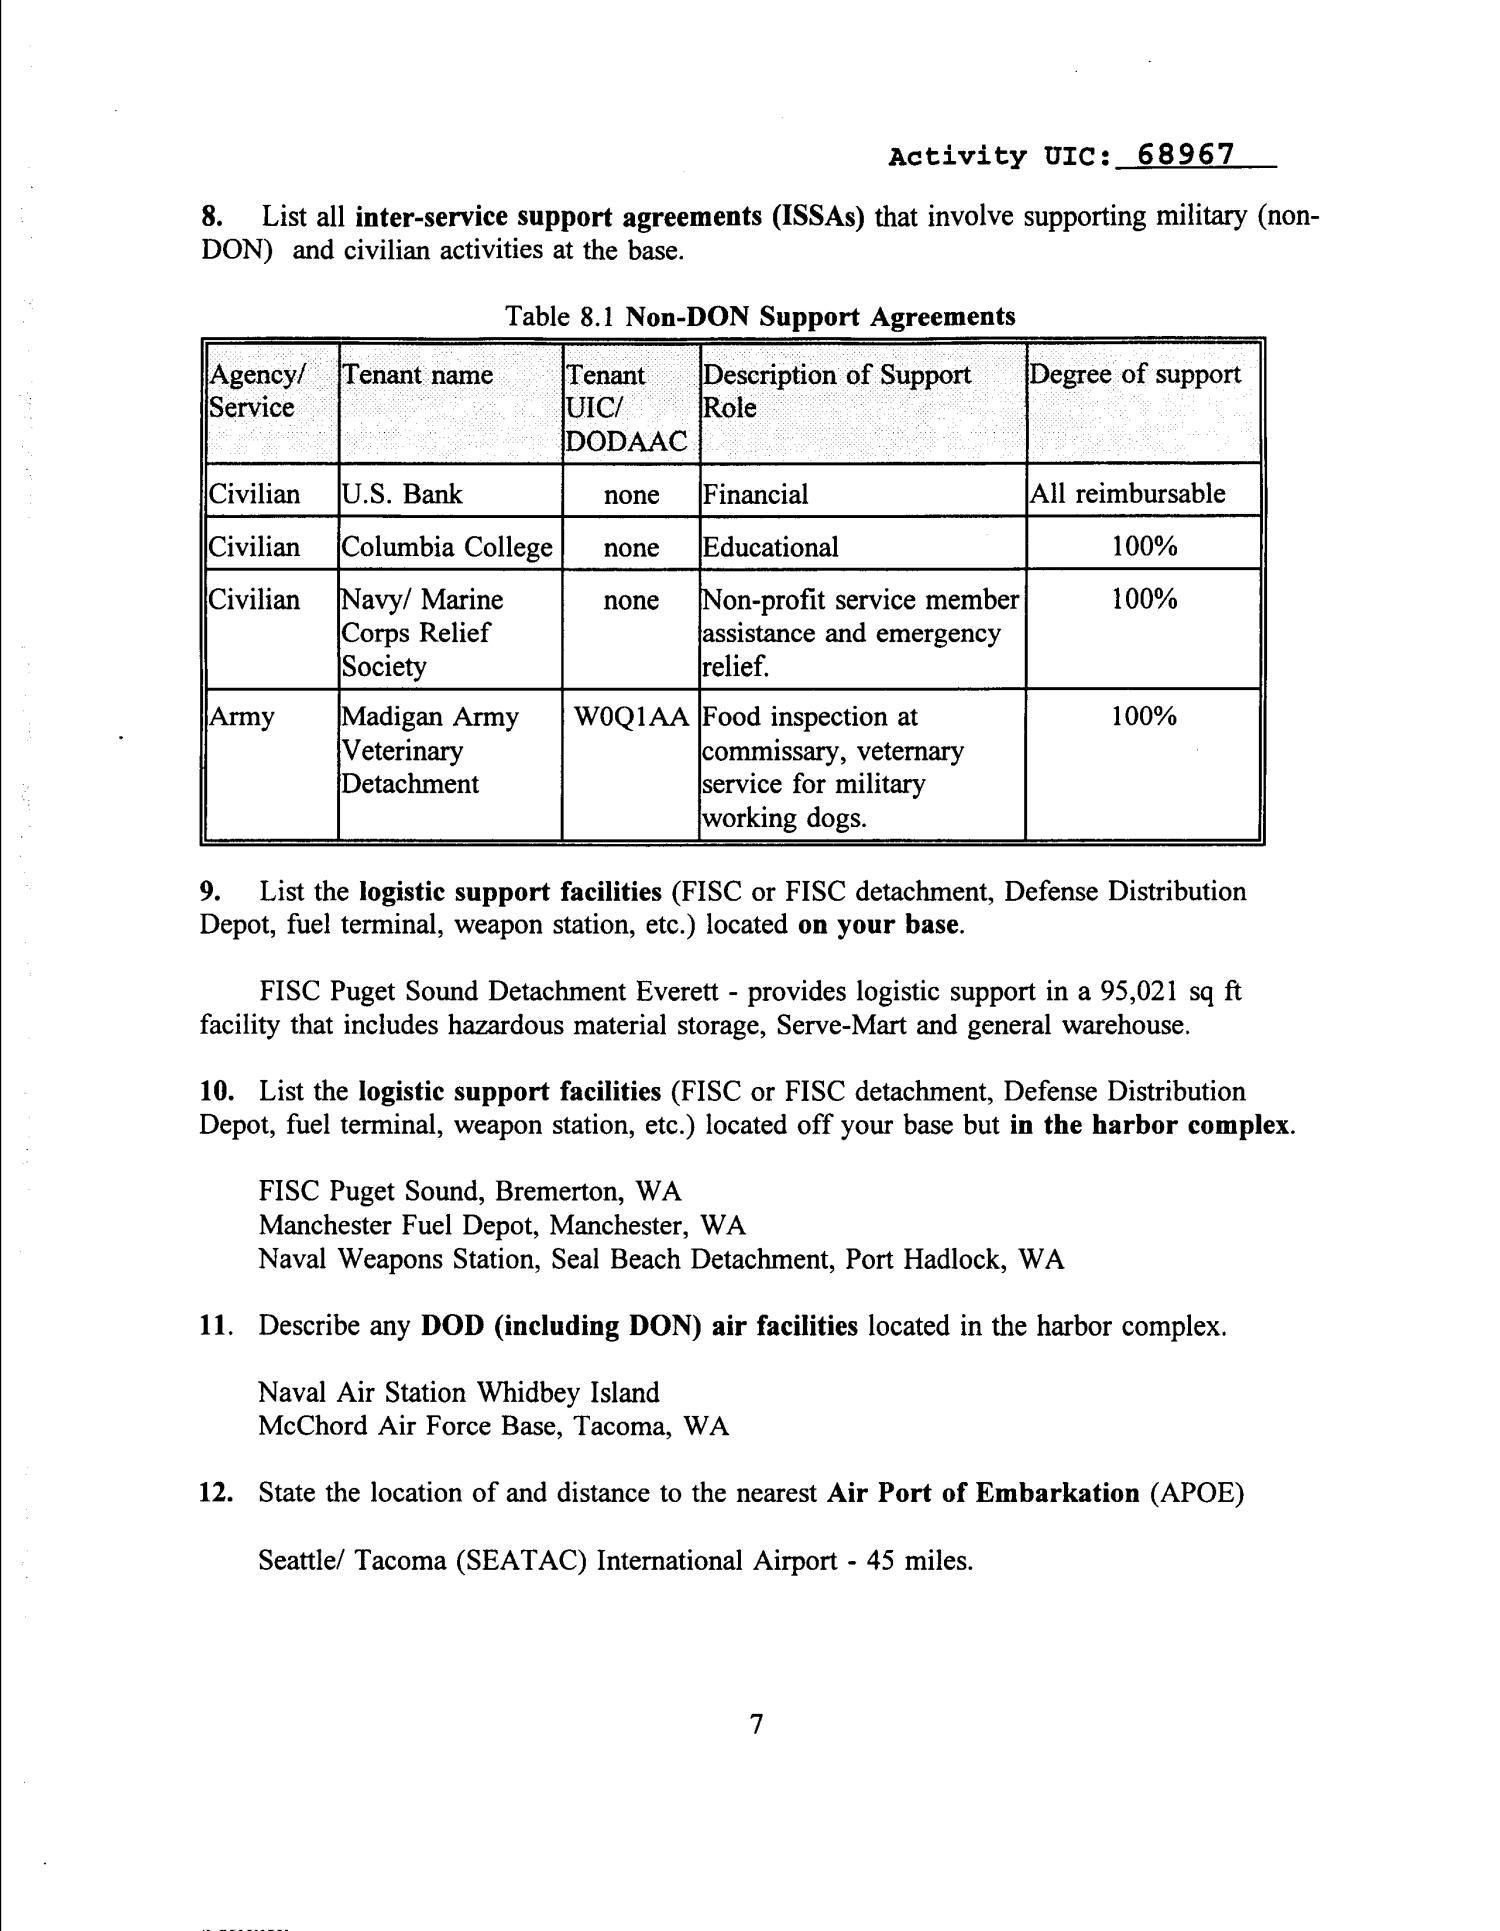 Navsta Everett Wa Data Calls Cincpacflt Page 10 Of 219